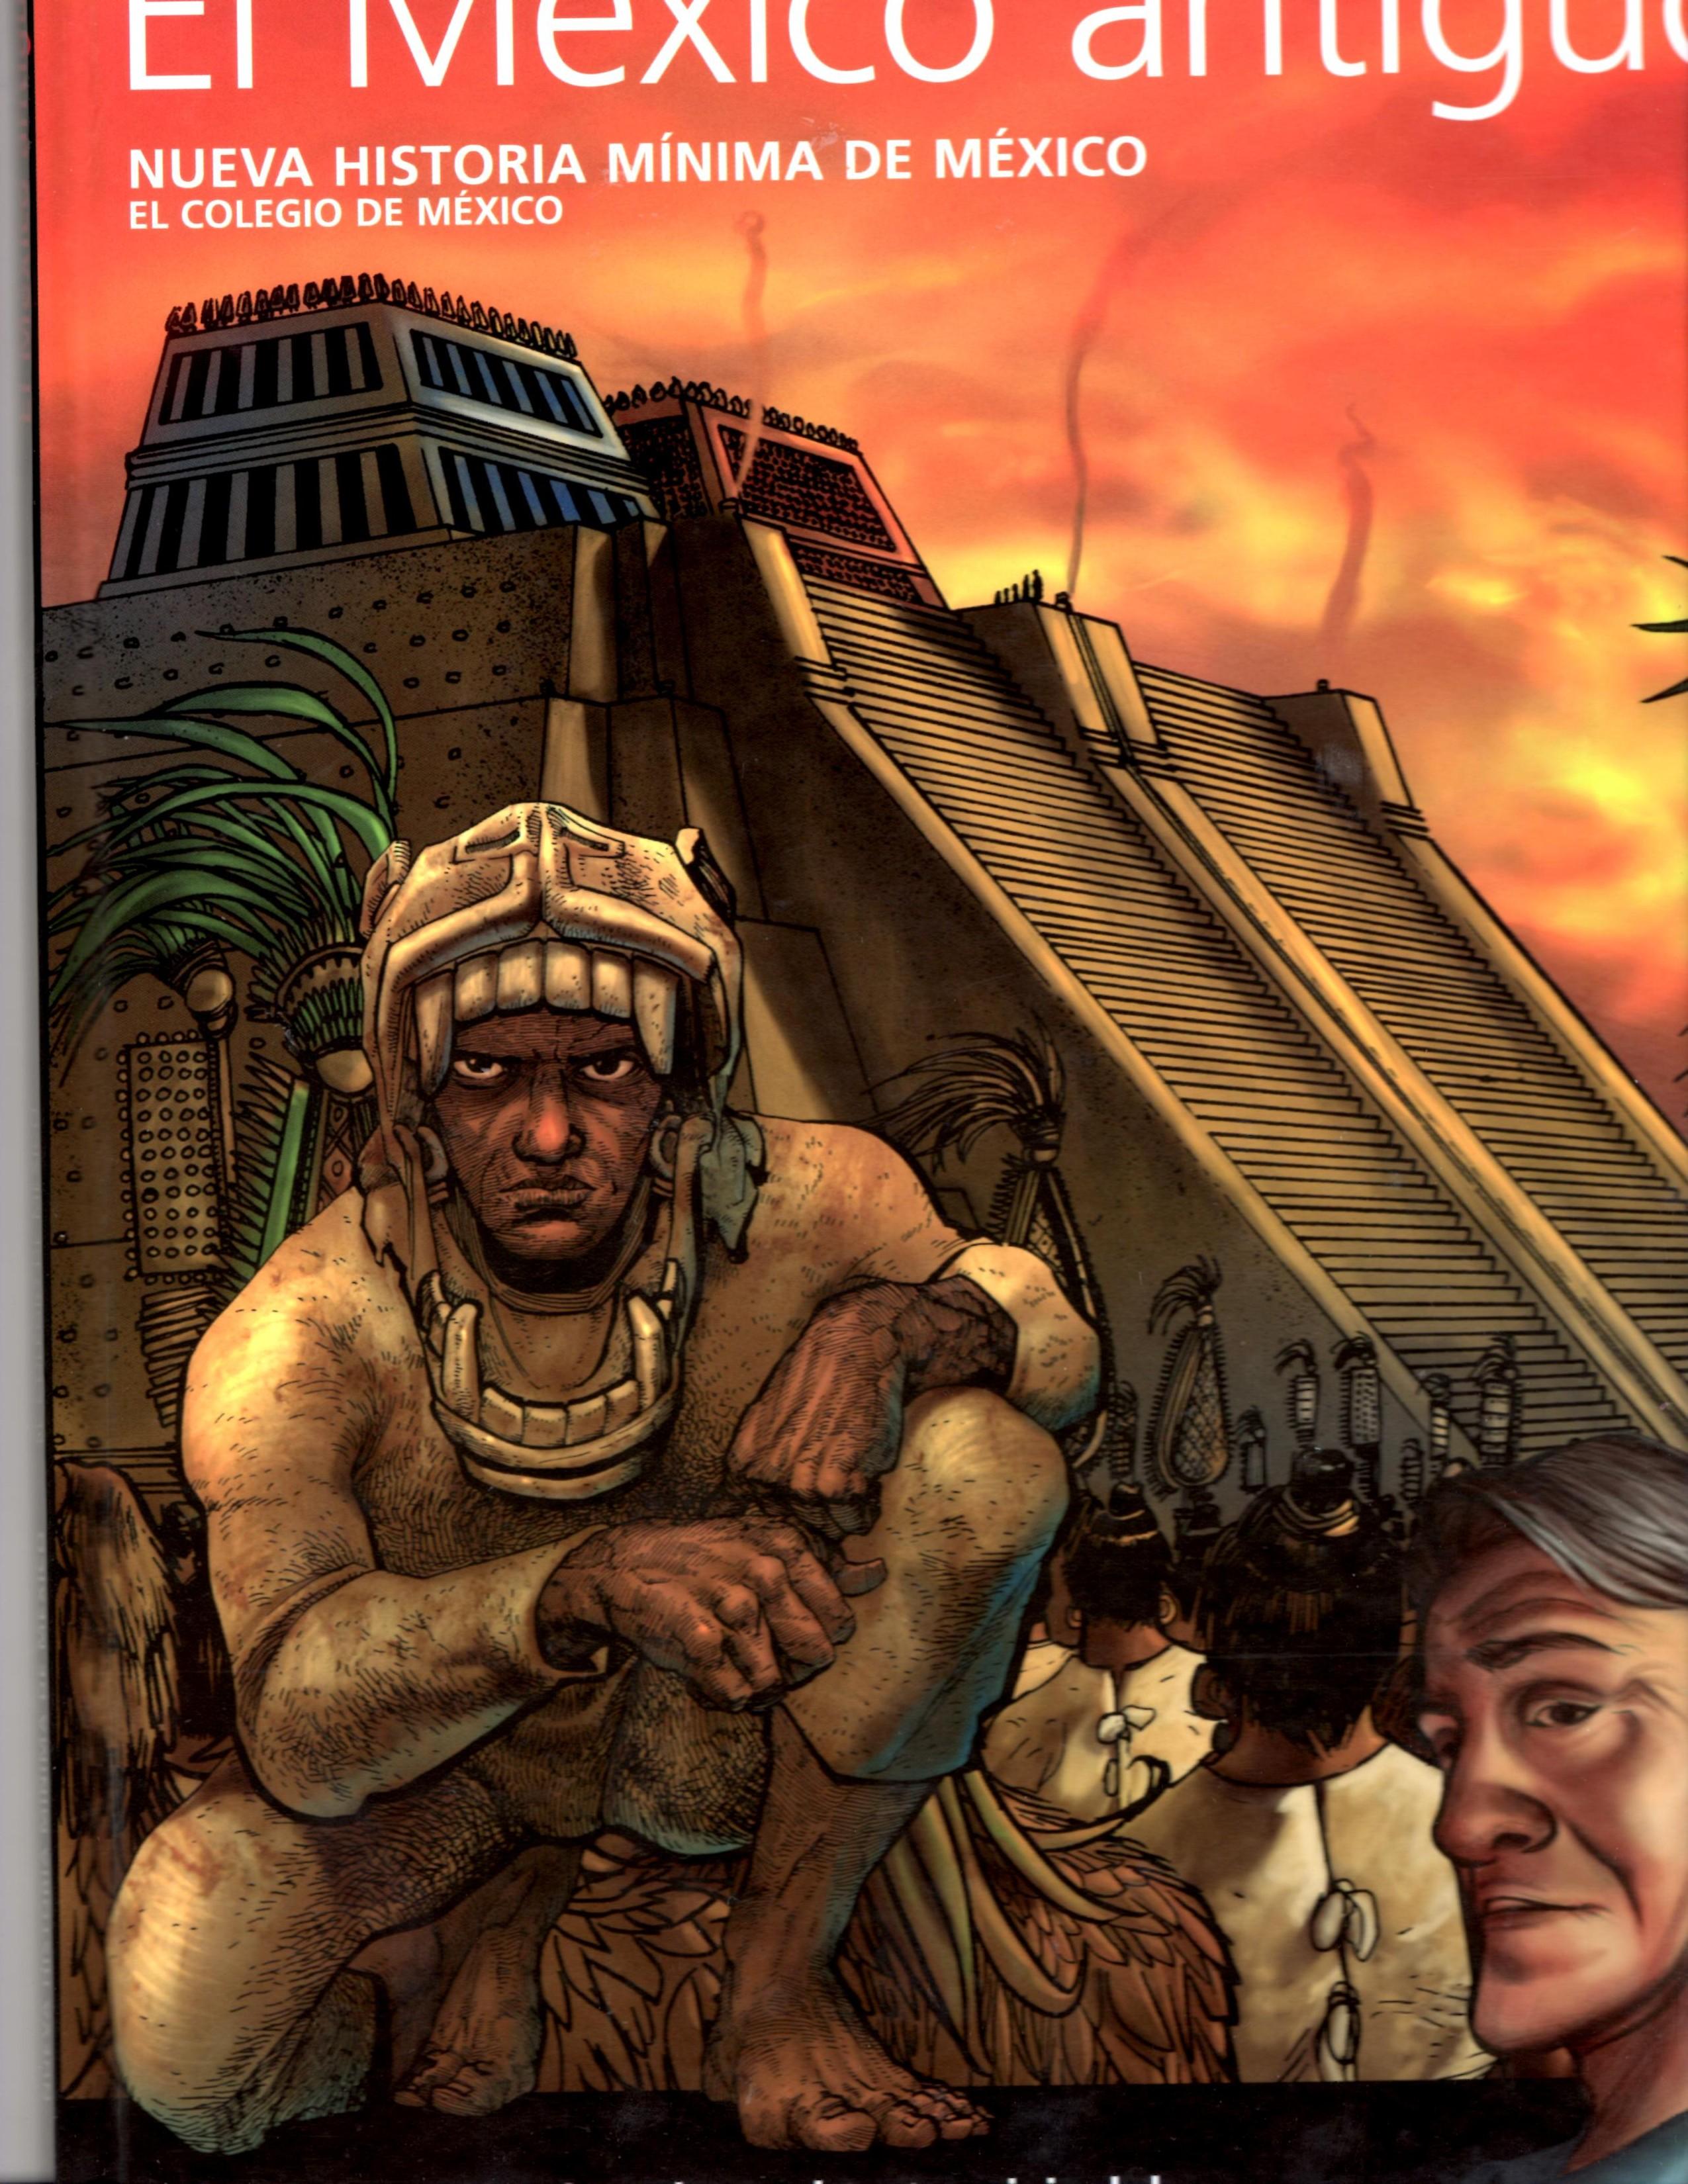 Libro Nueva Historia Minima De Mexico Descargar Gratis Pdf  @tataya.com.mx